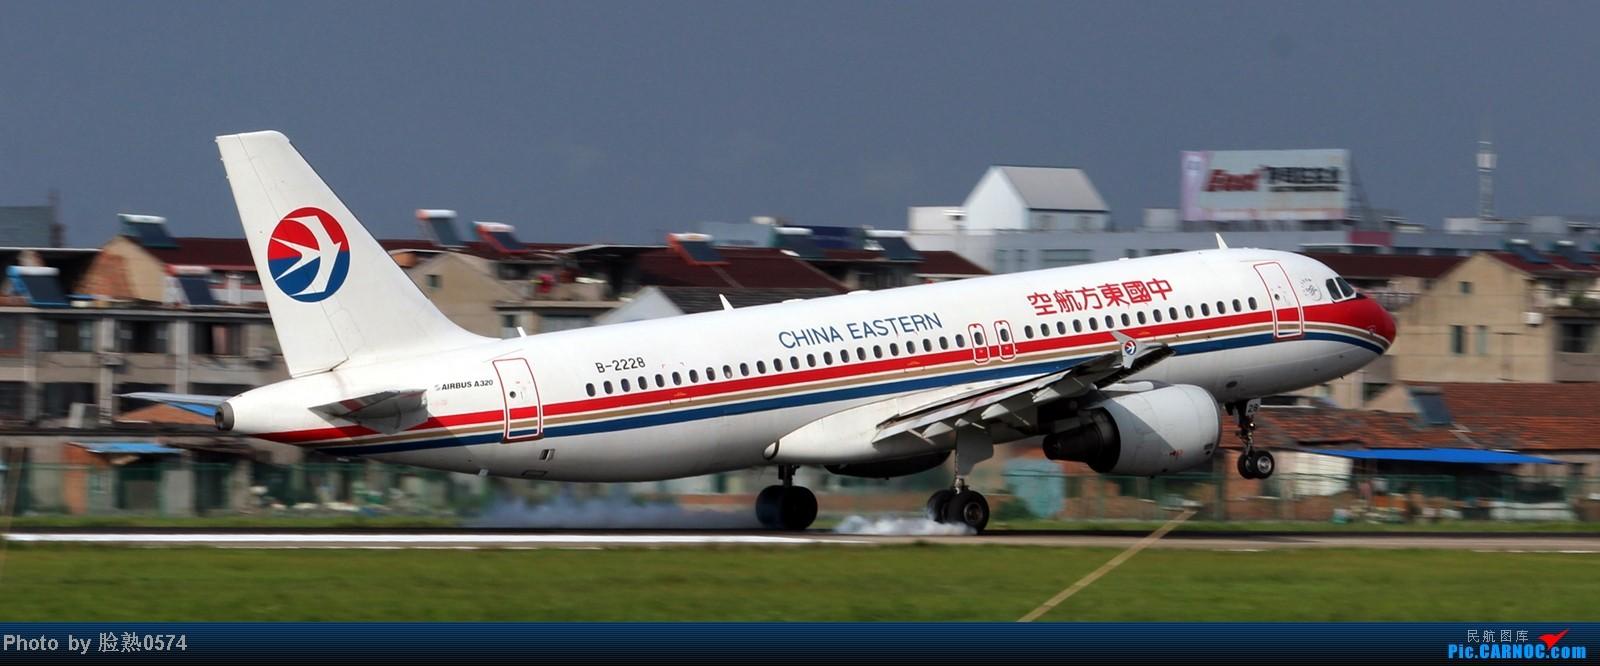 [原创]天气不好没的拍,翻出两张老图擦烟滴 AIRBUS A320-200 B-2228 中国宁波栎社机场